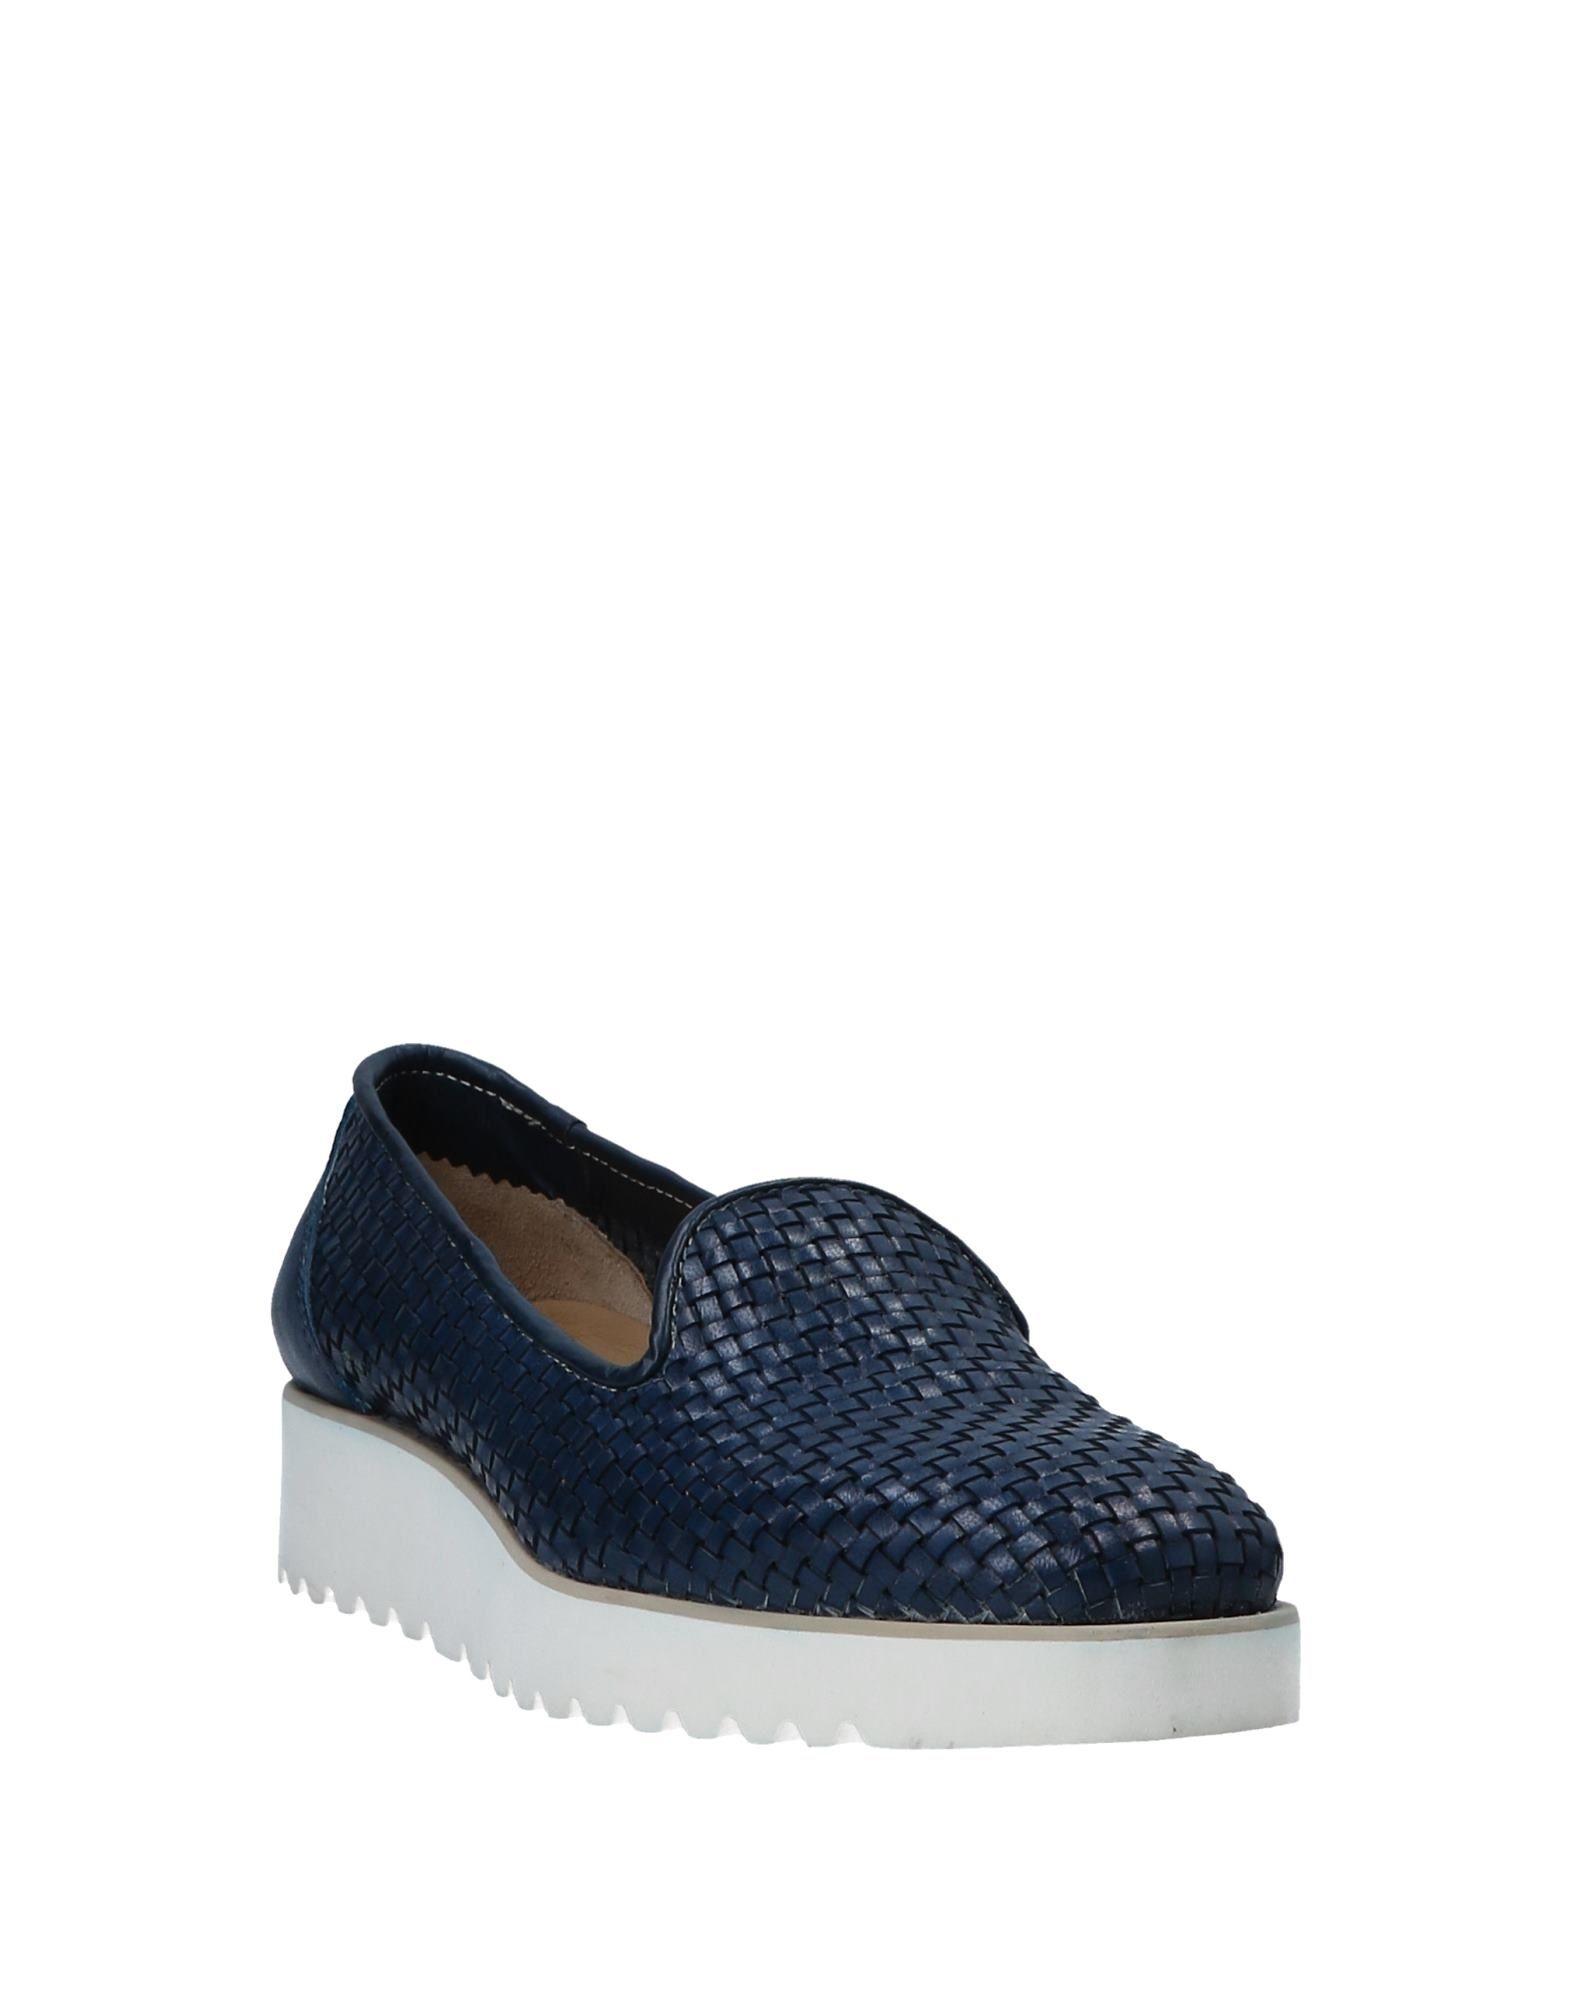 Calpierre Mokassins Damen Qualität  11551462OP Gute Qualität Damen beliebte Schuhe 2e1aee